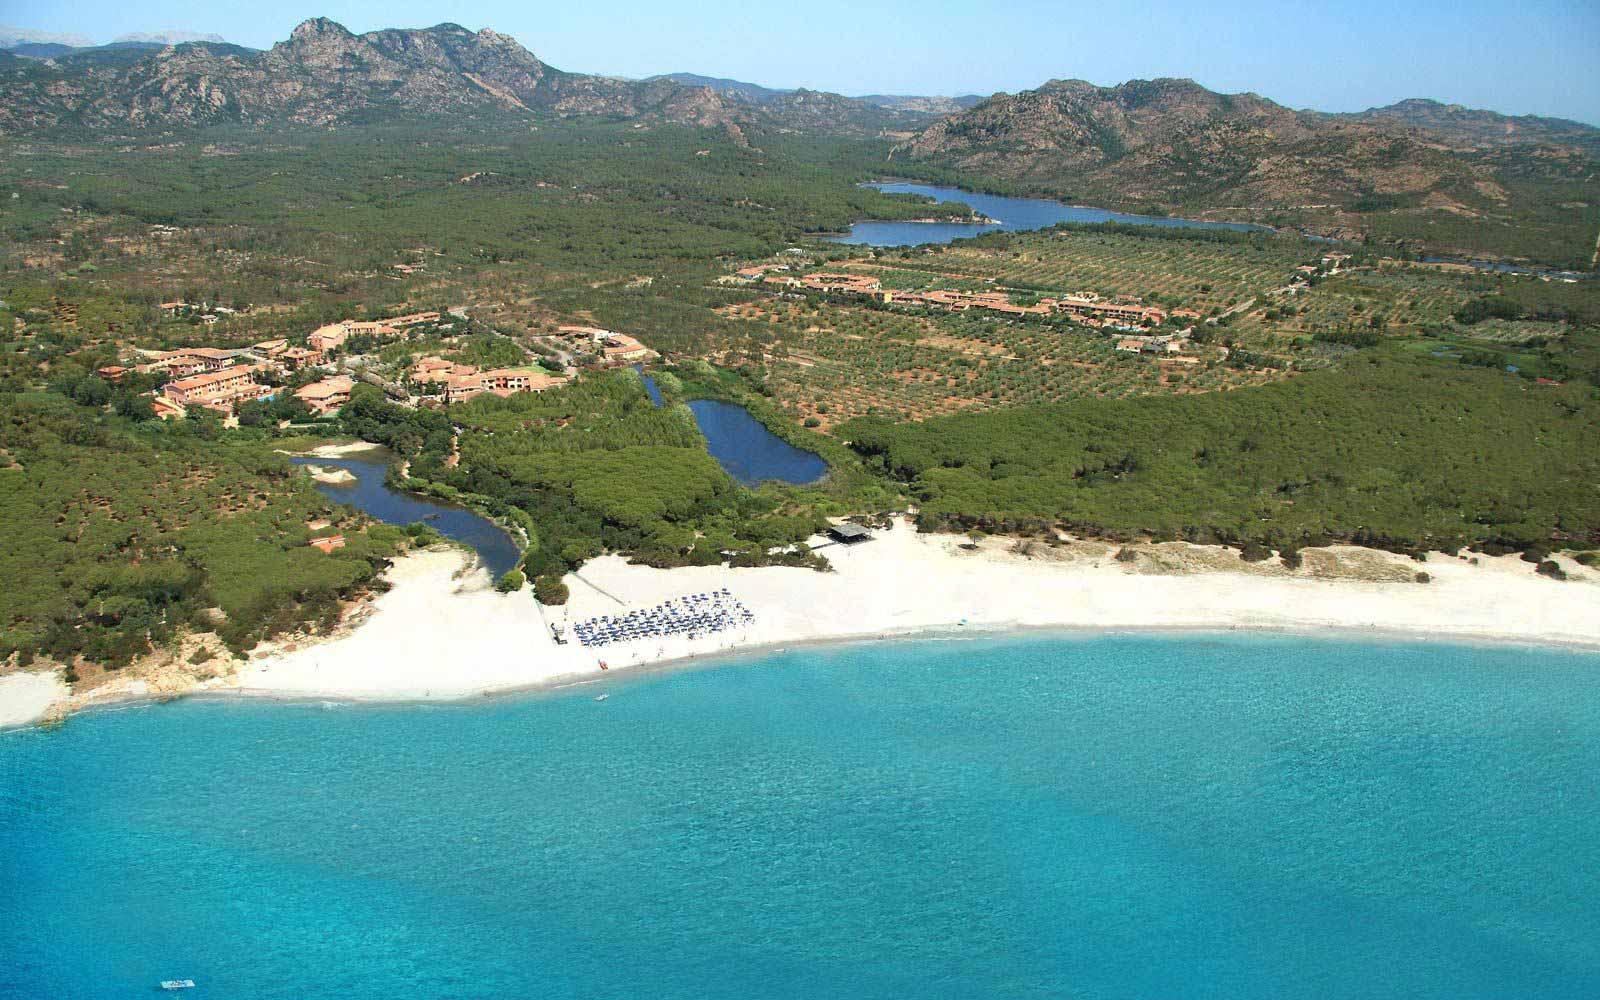 Panoramic view over Cala Ginepro Hotel Resort